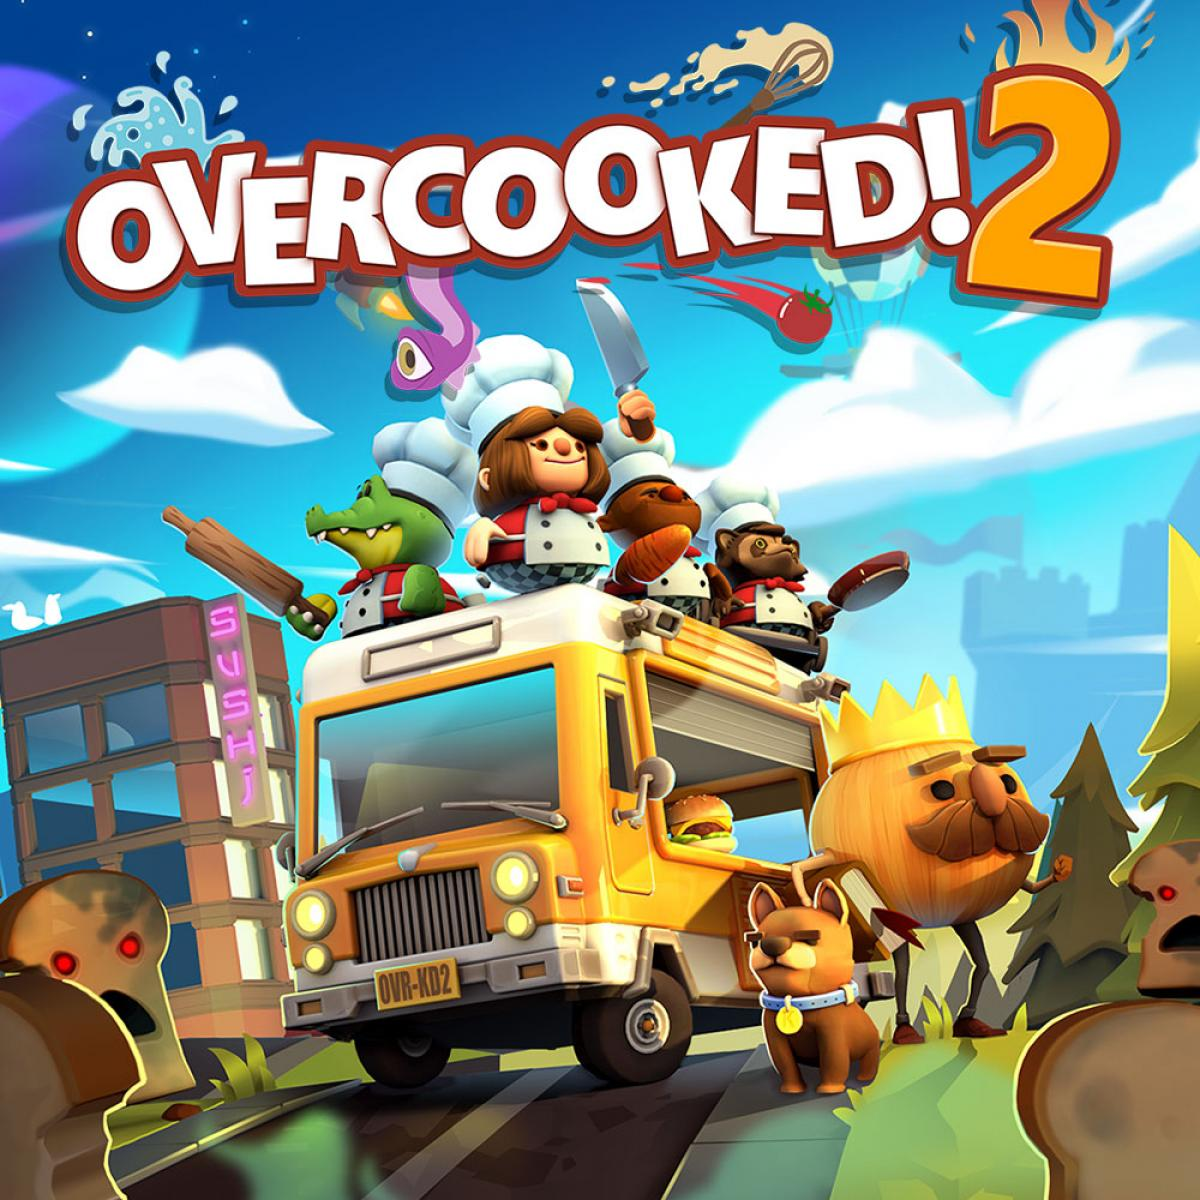 Overcooked! 2 en Epic Games